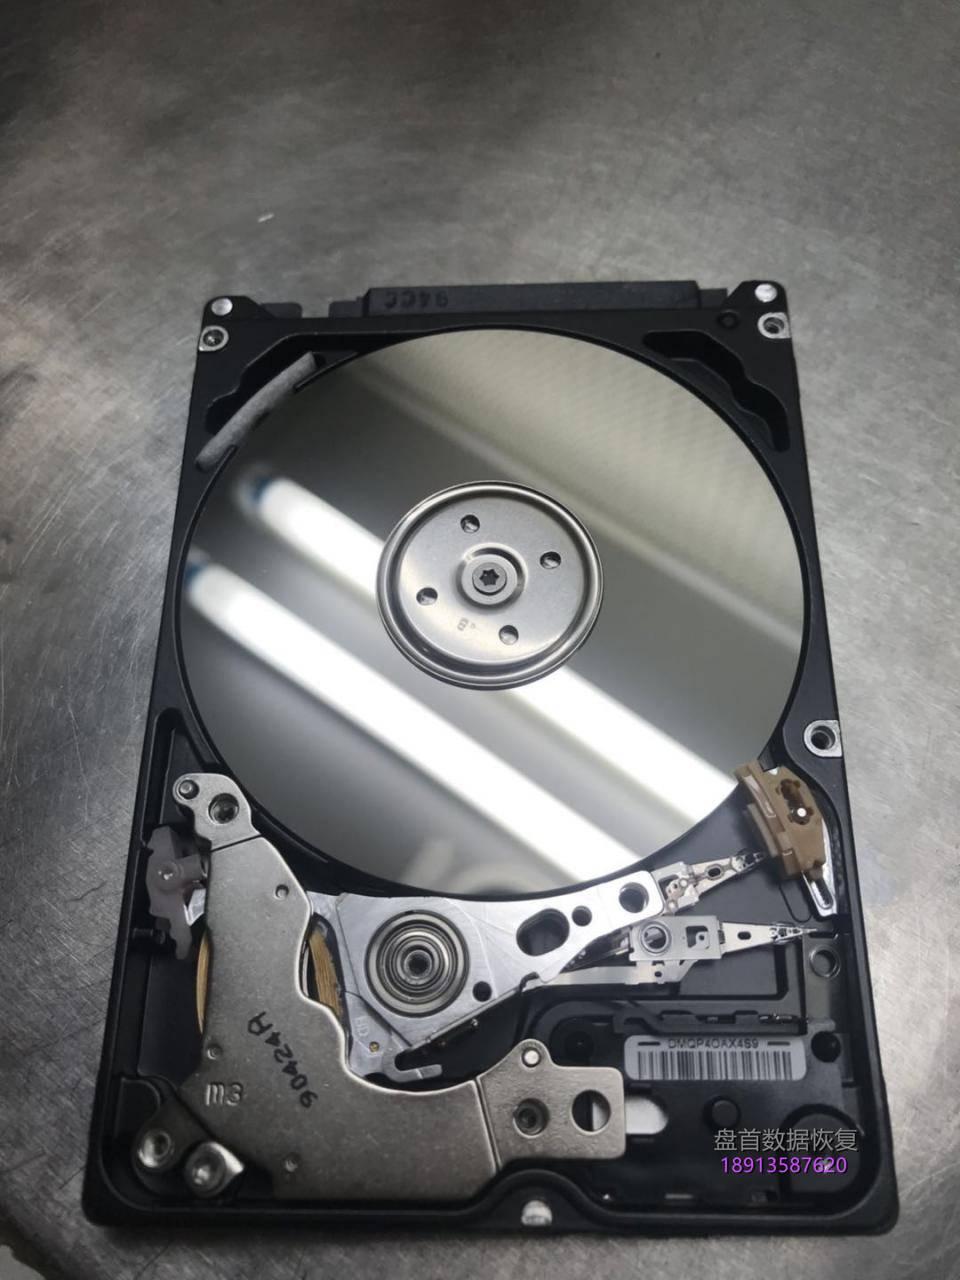 成功恢复wd250g笔记本硬盘摔坏盘体严重变形 成功恢复WD250G笔记本硬盘摔坏盘体严重变形